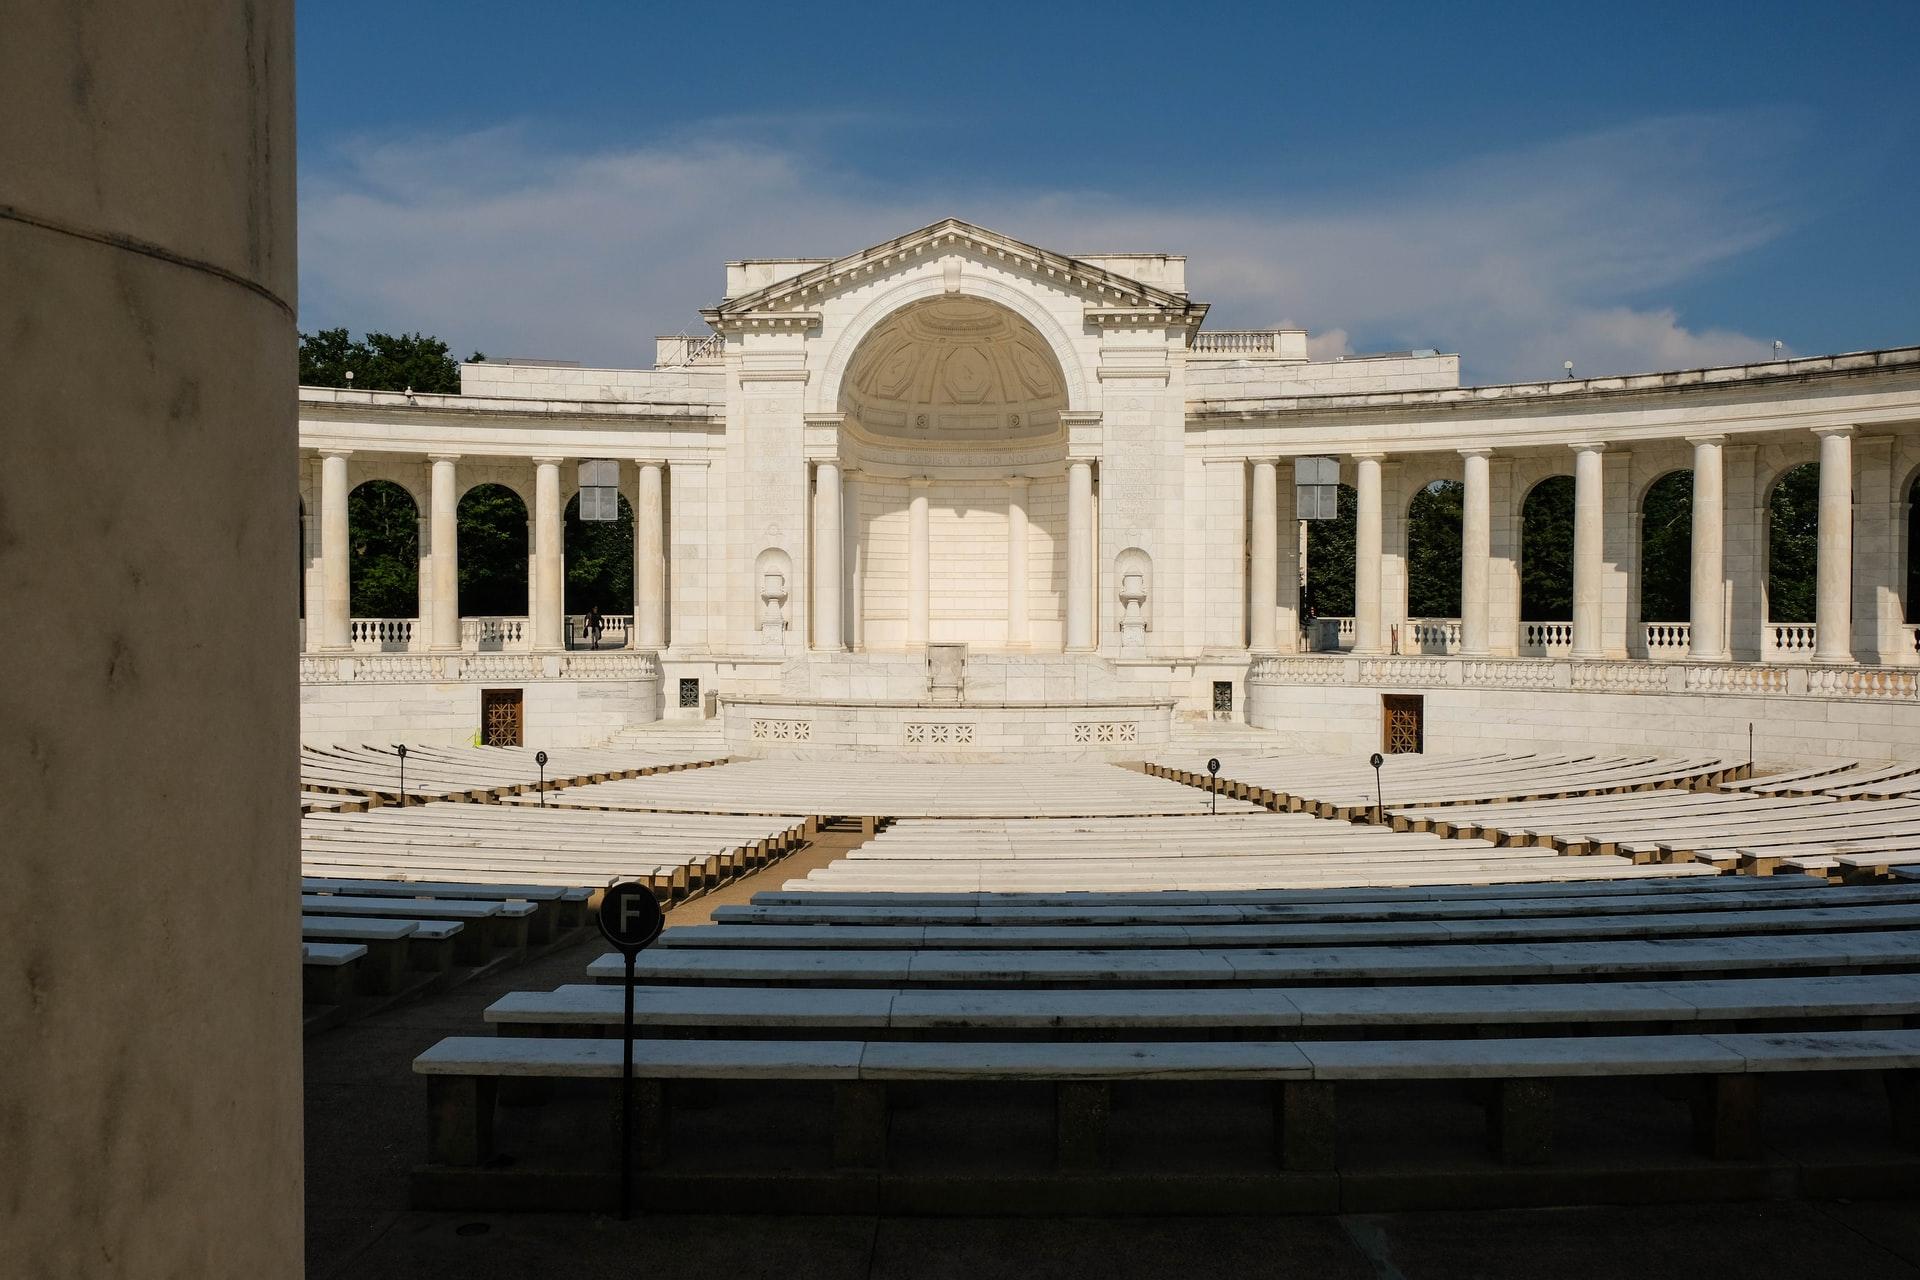 The Arlington National Cemetery.